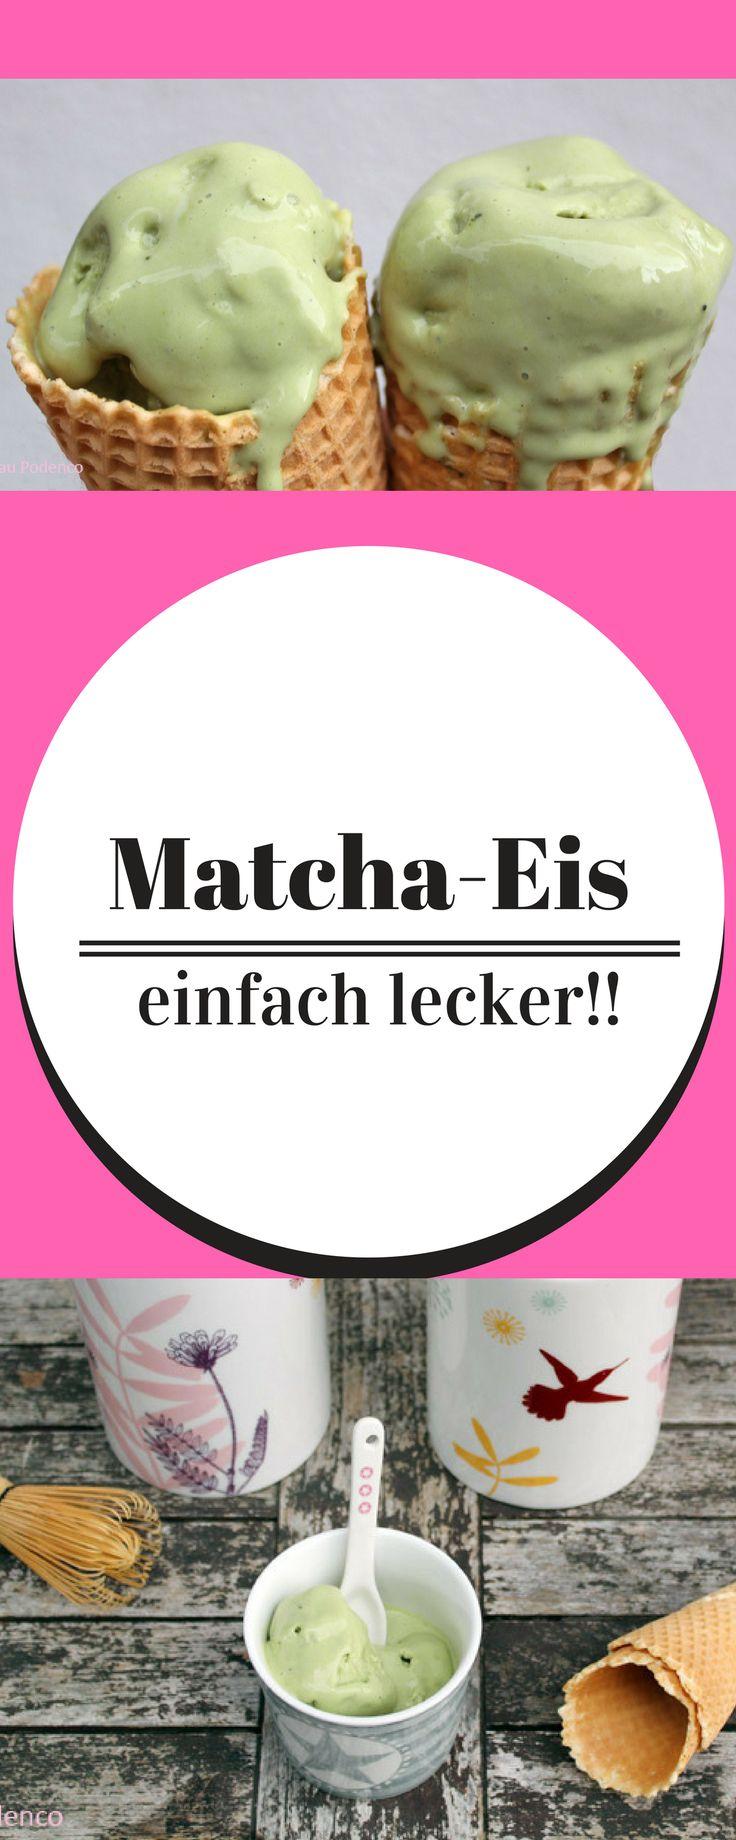 Matcha-Eis ist ein super leckeres Eis, das dazu noch sehr schnell und einfach selbst gemacht ist.  Eis selber machen  Eis ohne Eismaschine   Eis Rezept   Grüner Tee Eis   Matchapulver